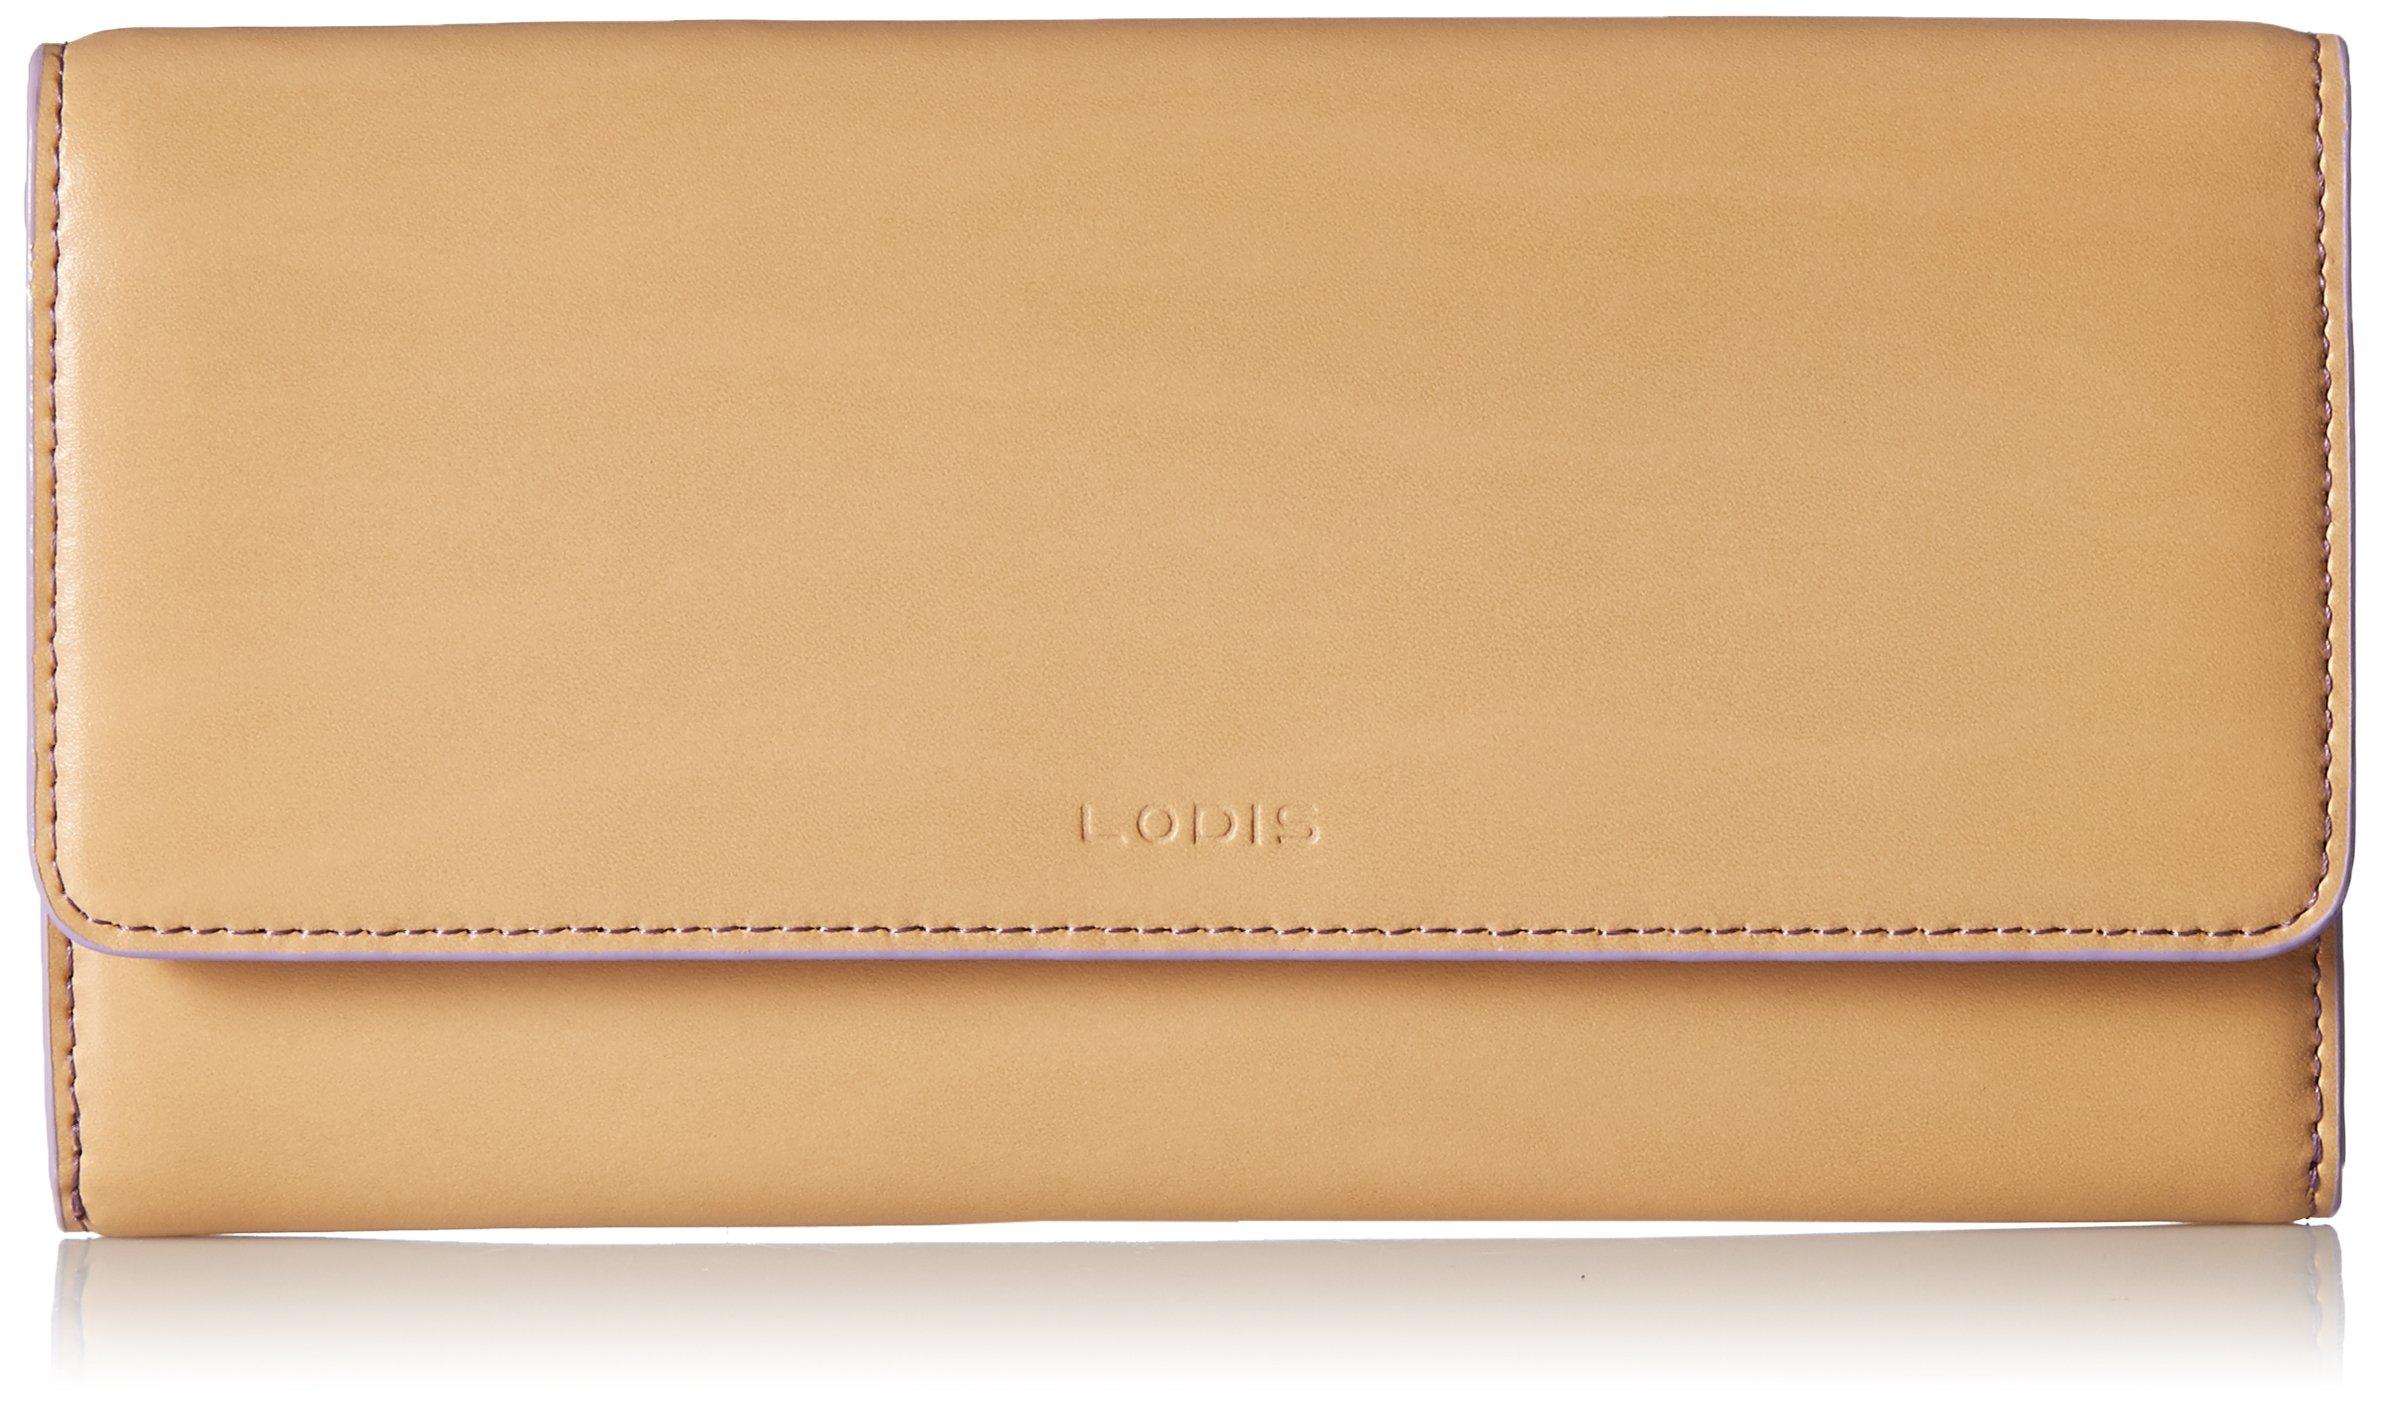 Lodis Women's Audrey RFID Luna Clutch Wallet, natural/lavendar One Size